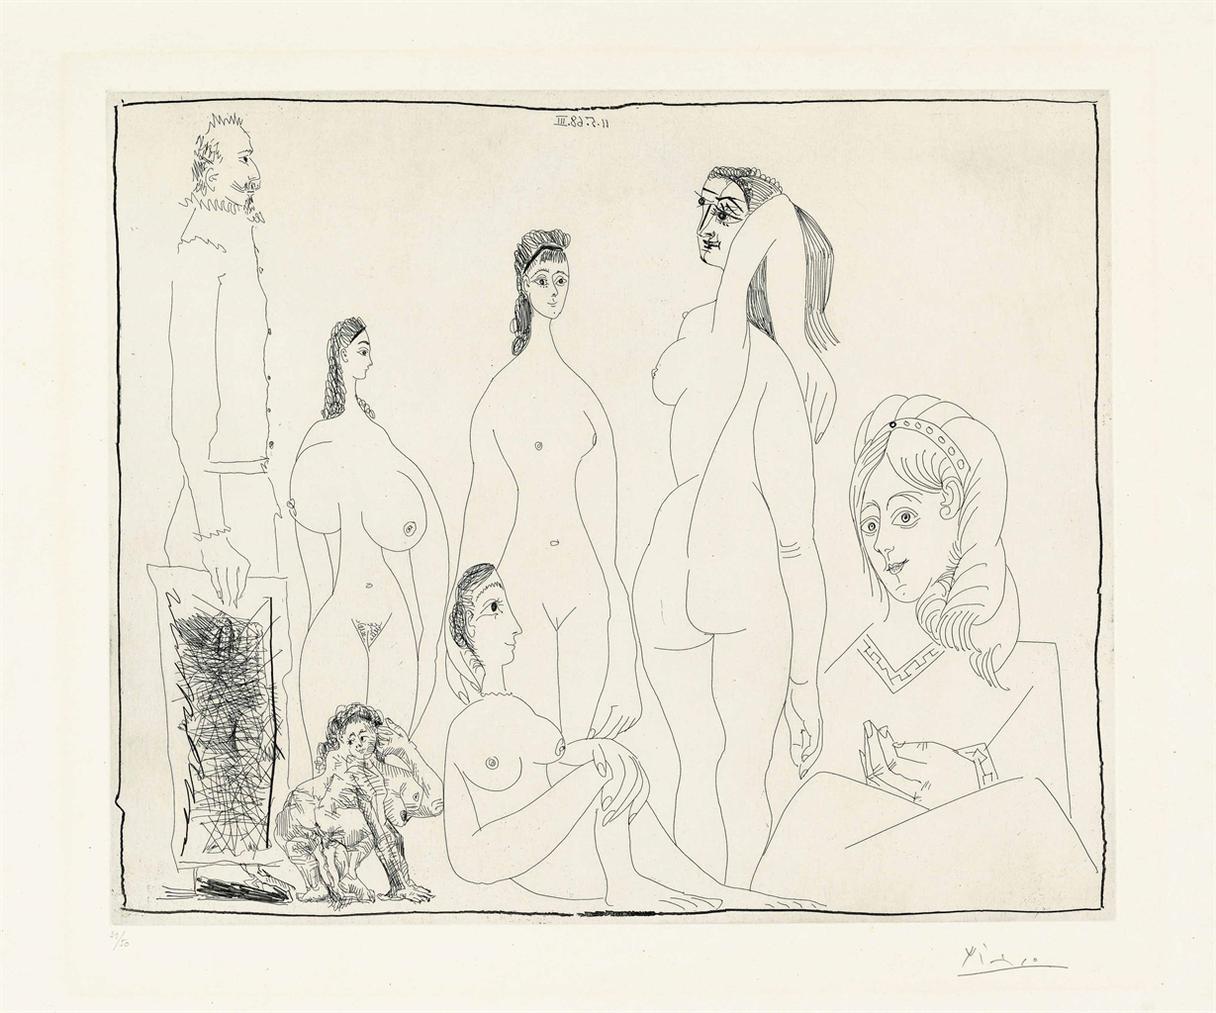 Pablo Picasso-Peintre Longiligne Avec Des Femmes, Dont Une Petite Pisseuse, From: Series 347-1968